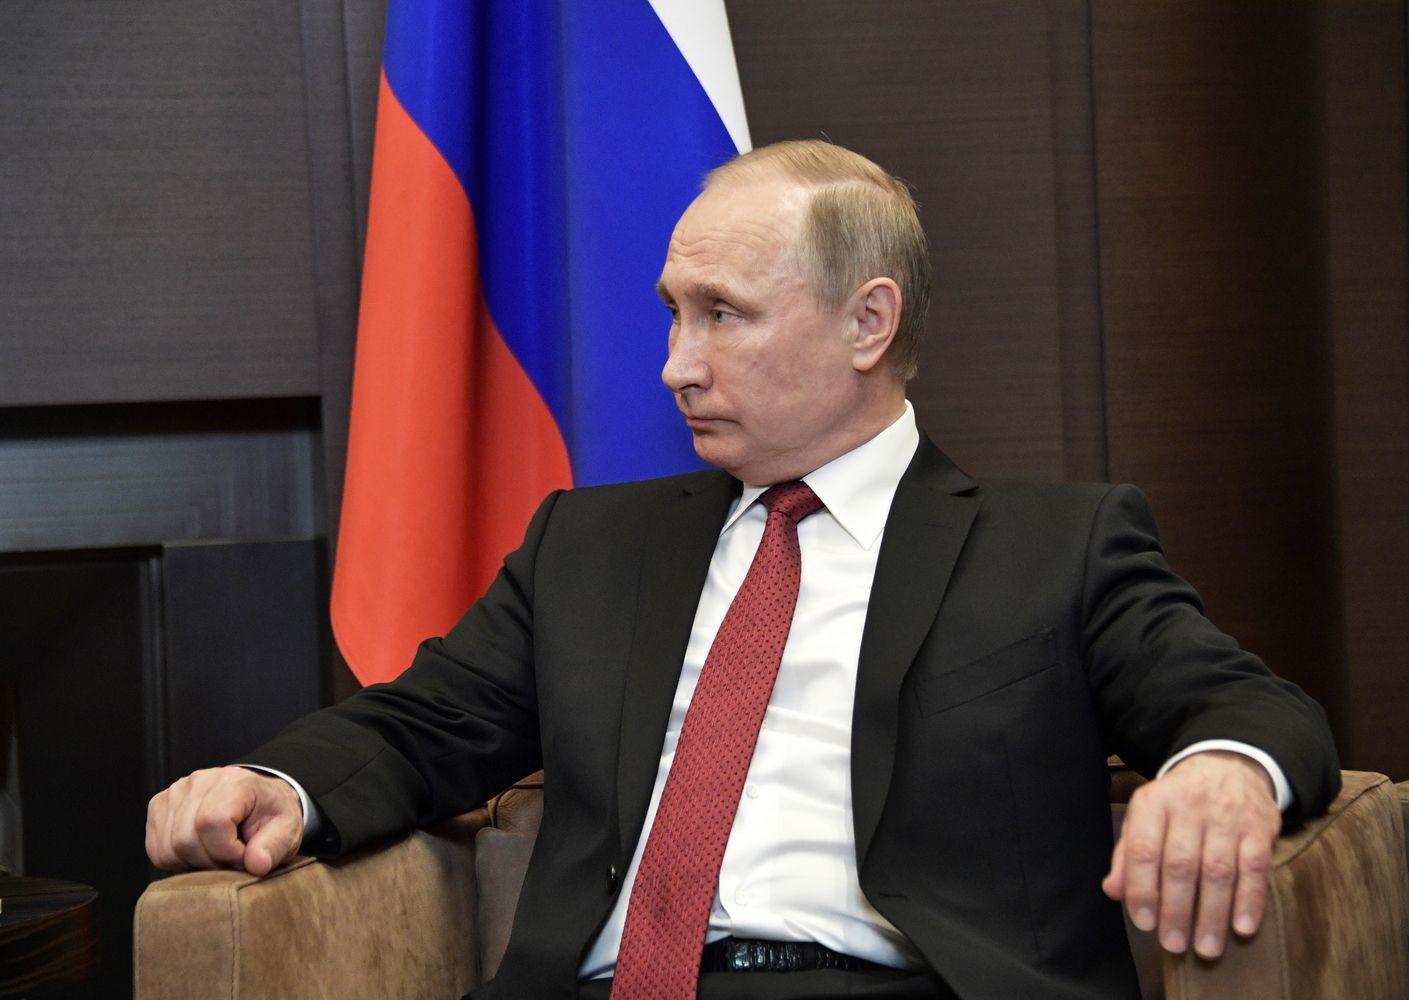 Putinas išsiveržė į dėmesio centrą